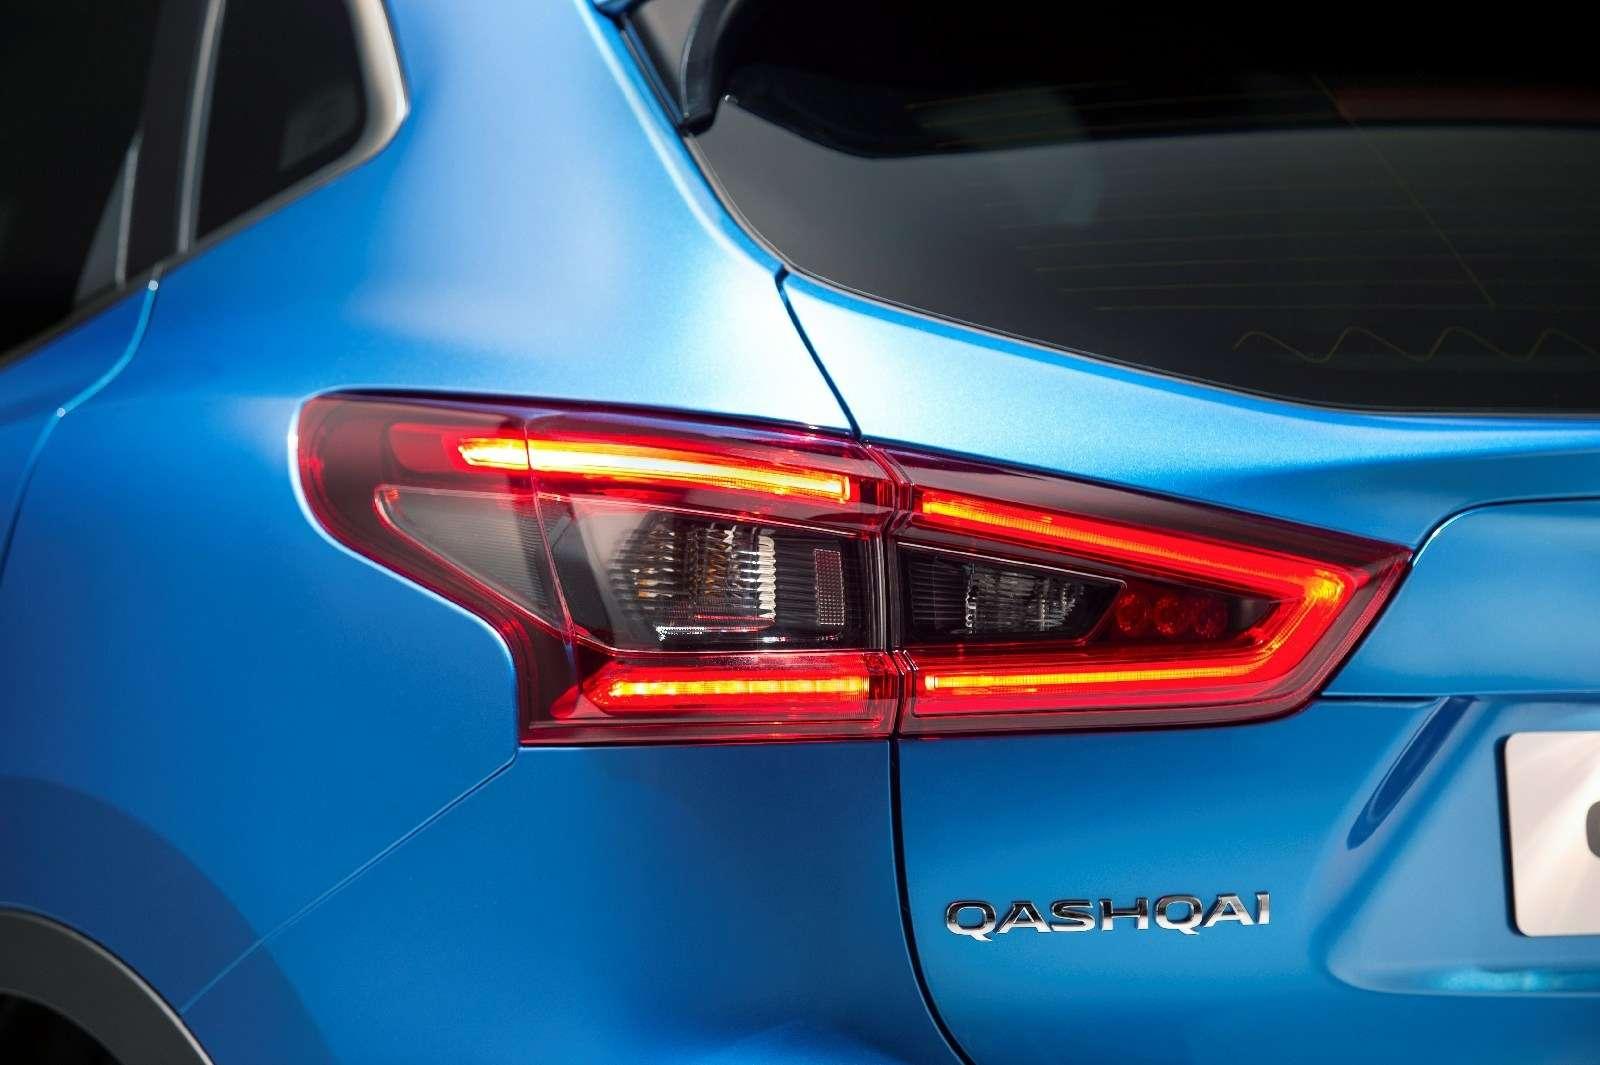 Обновленный Nissan Qashqai: европейский бестселлер самериканским лицом— фото 717711